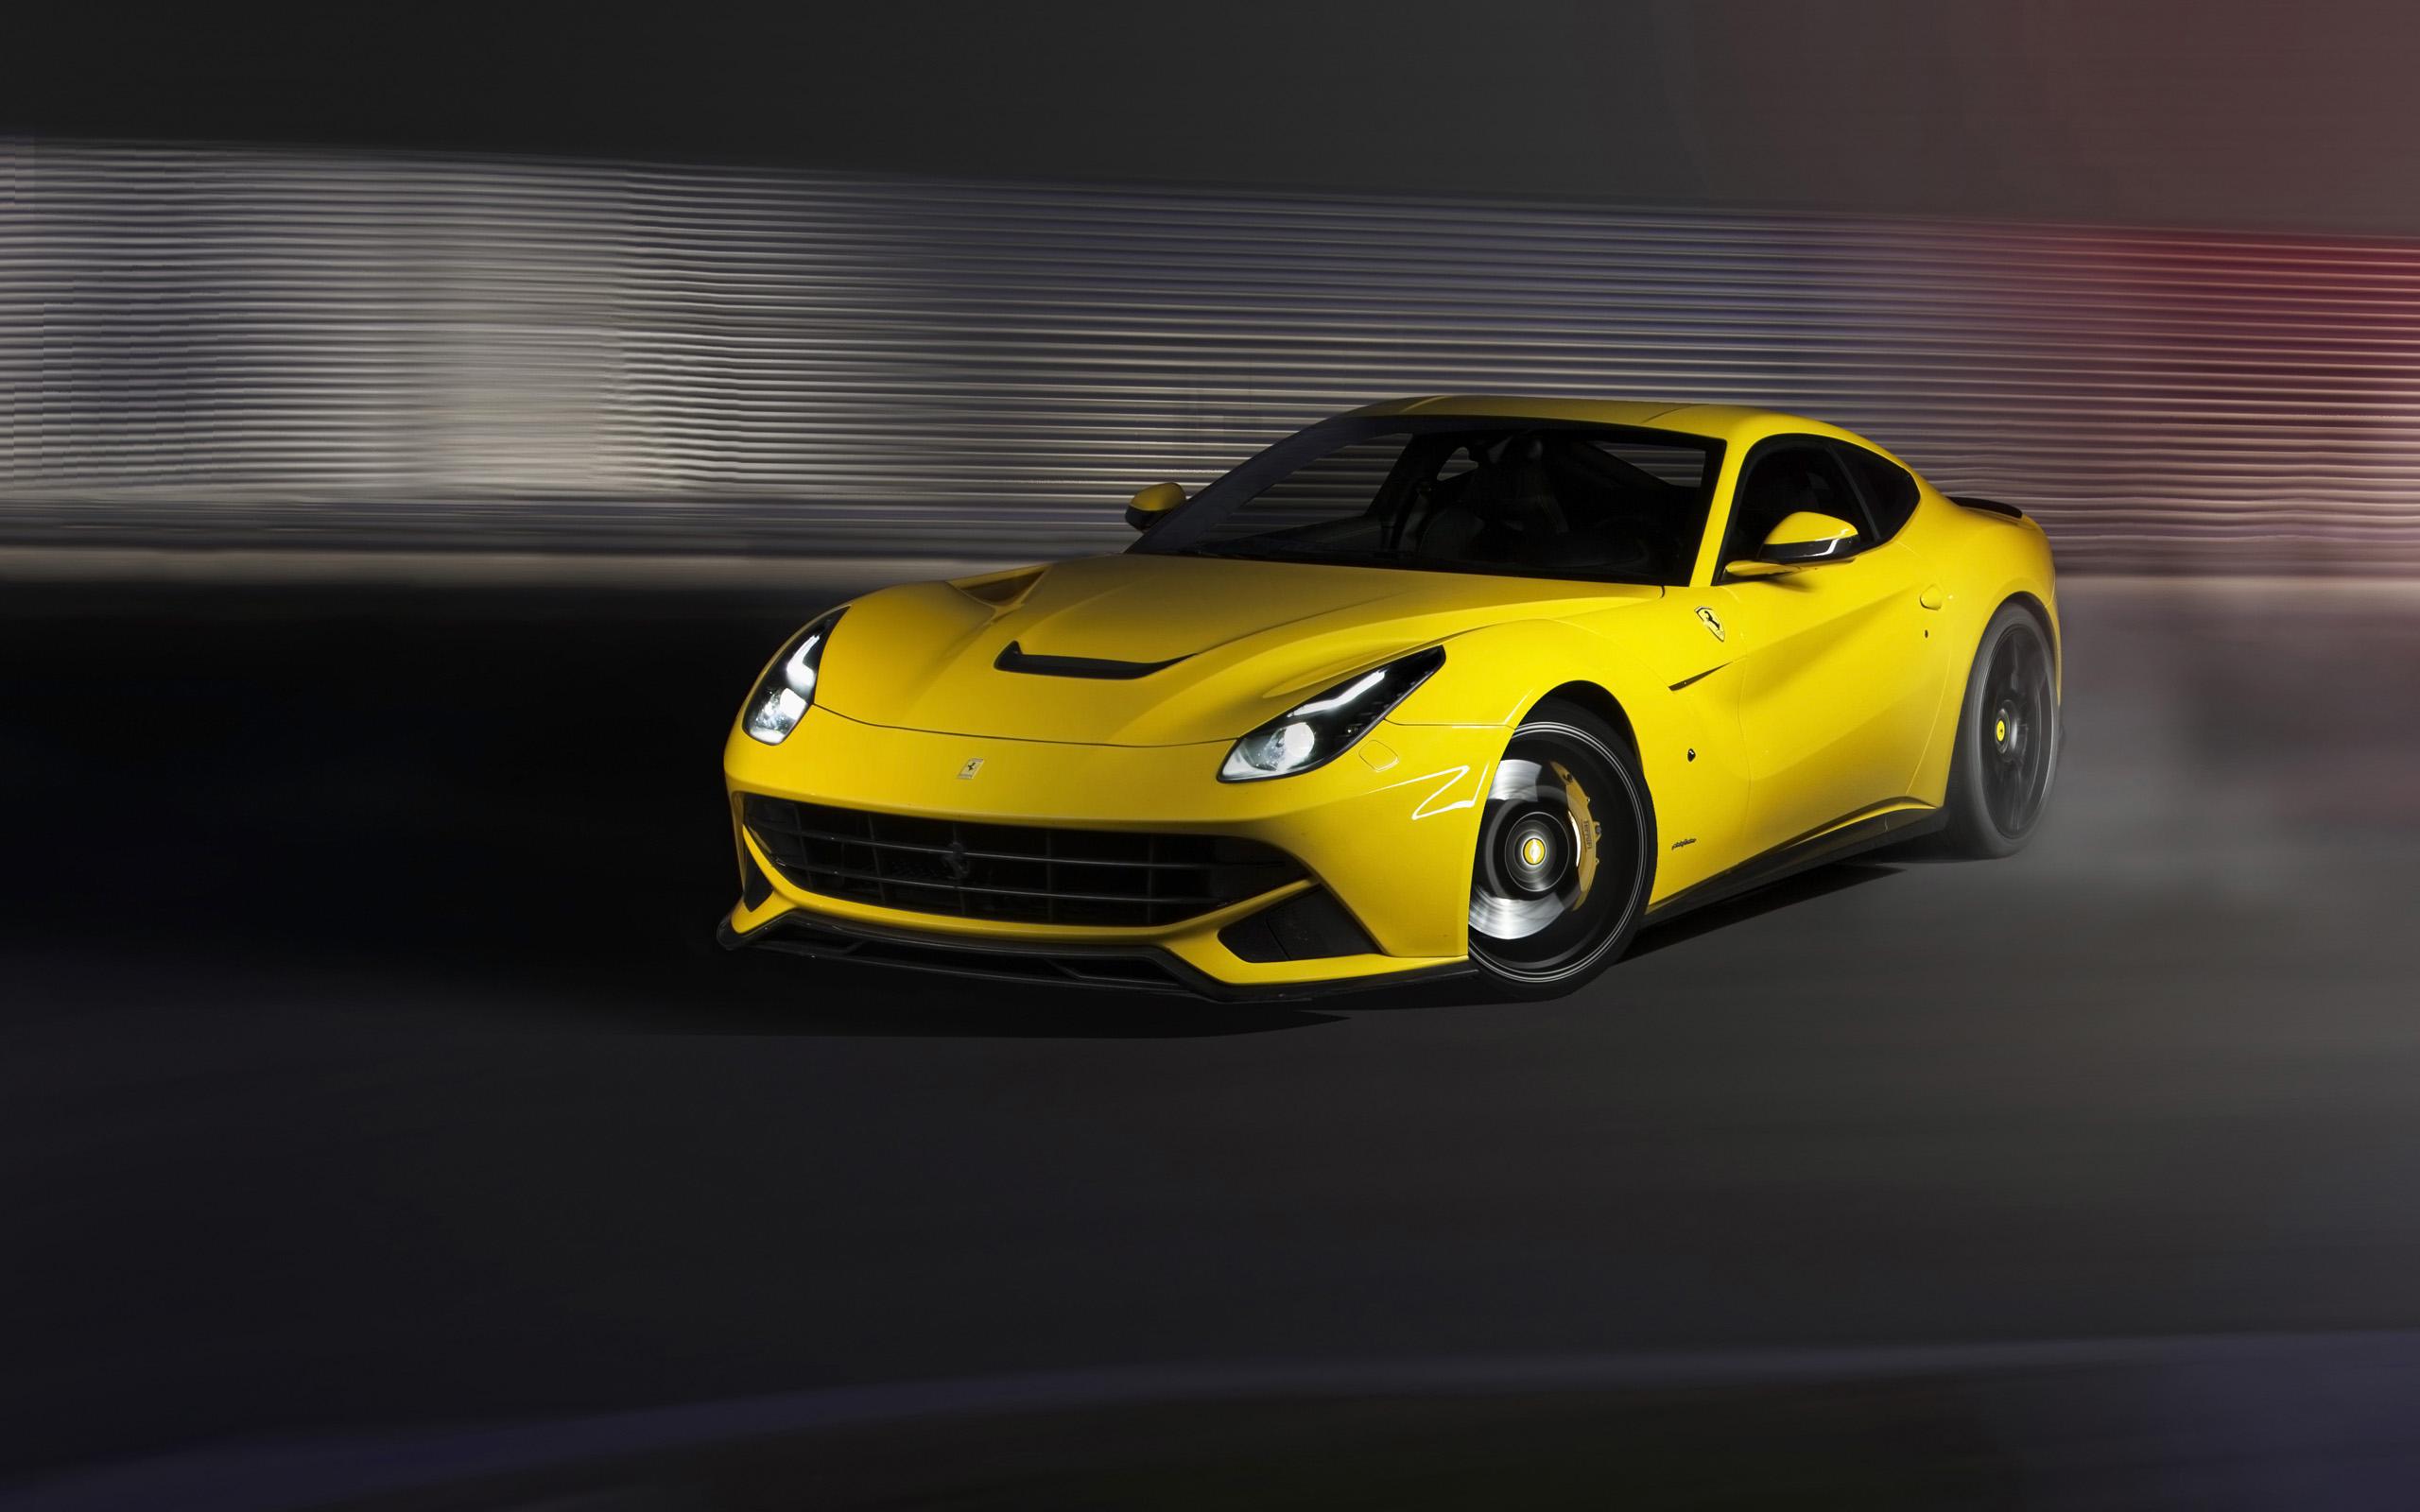 2013 Ferrari F12berlinetta By Novitec Rosso